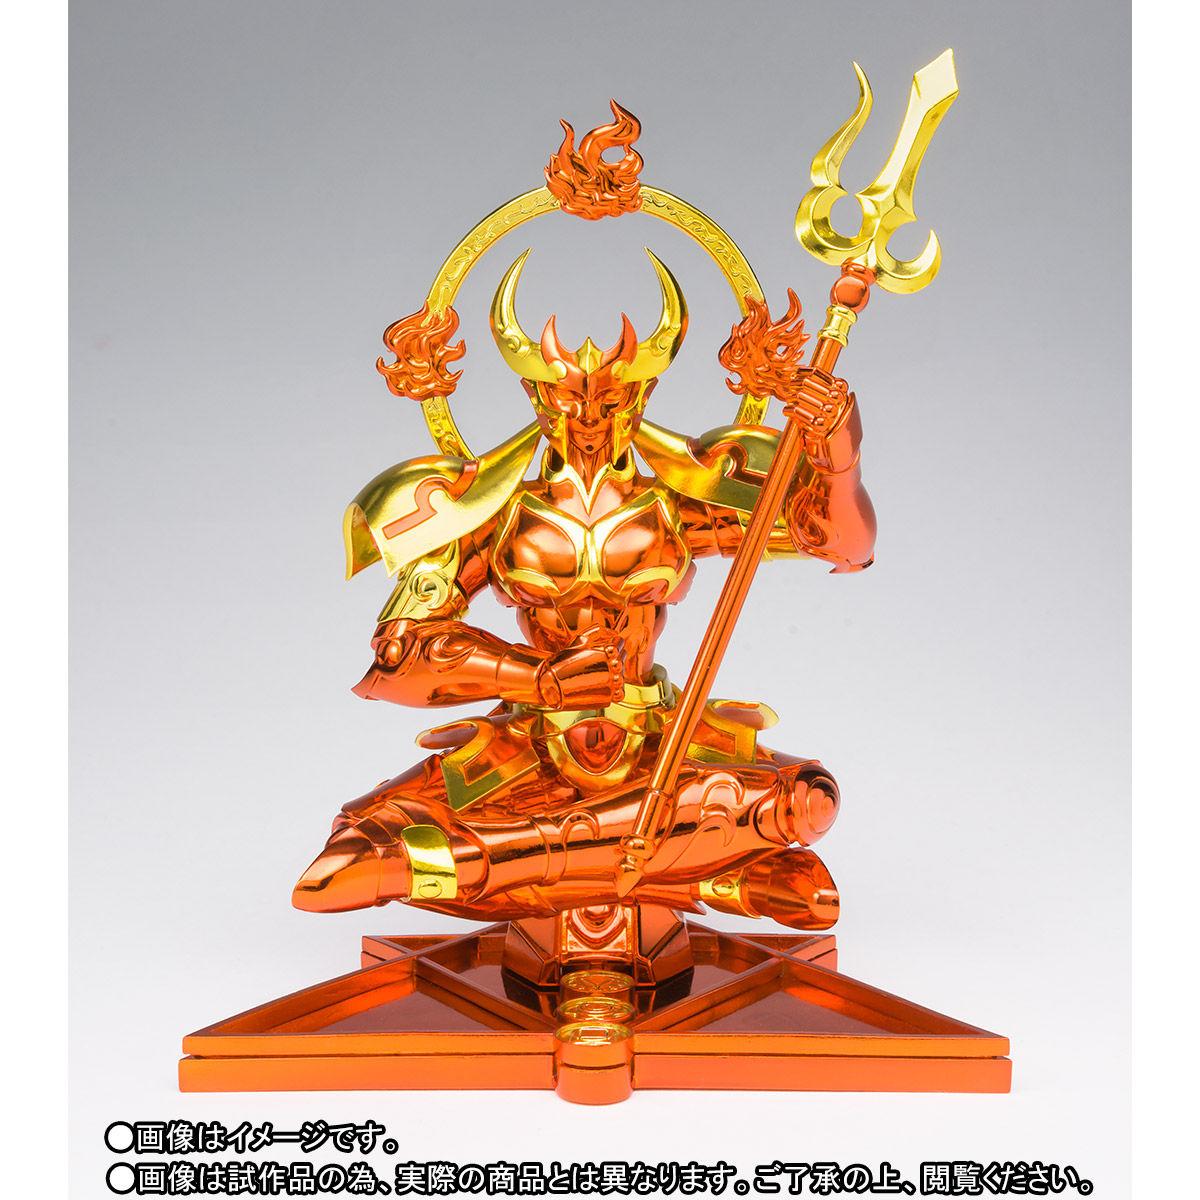 聖闘士聖衣神話EX『クリュサオル クリシュナ』アクションフィギュア-003